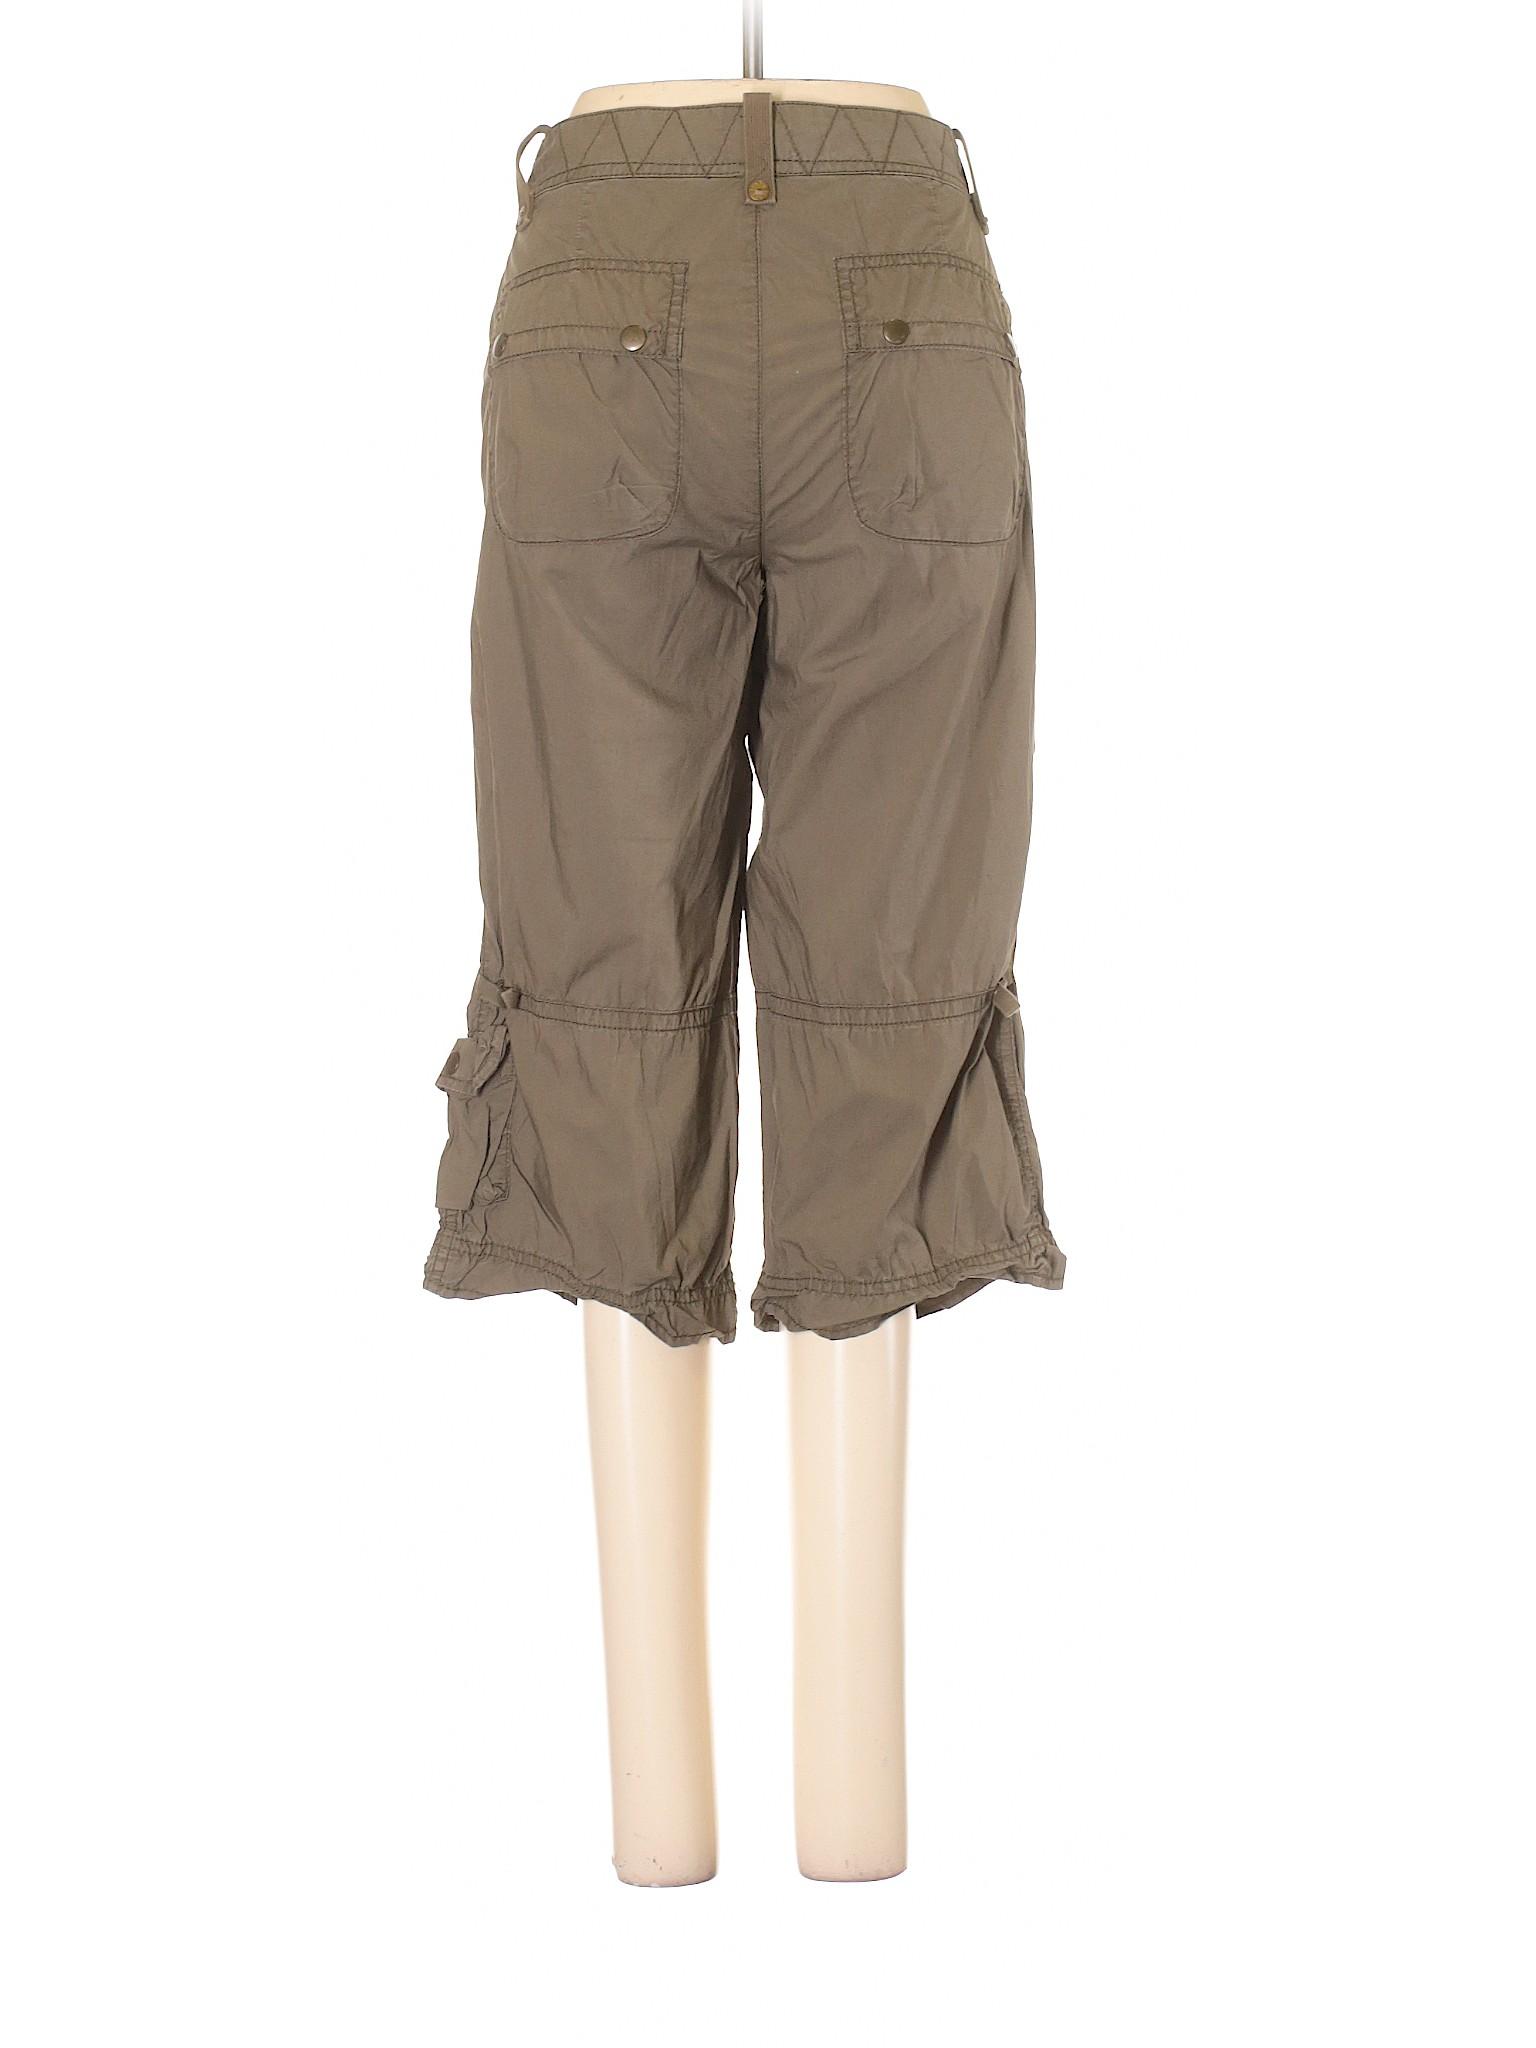 J J Boutique Boutique Cargo Crew Pants Crew 5qqrxtw0